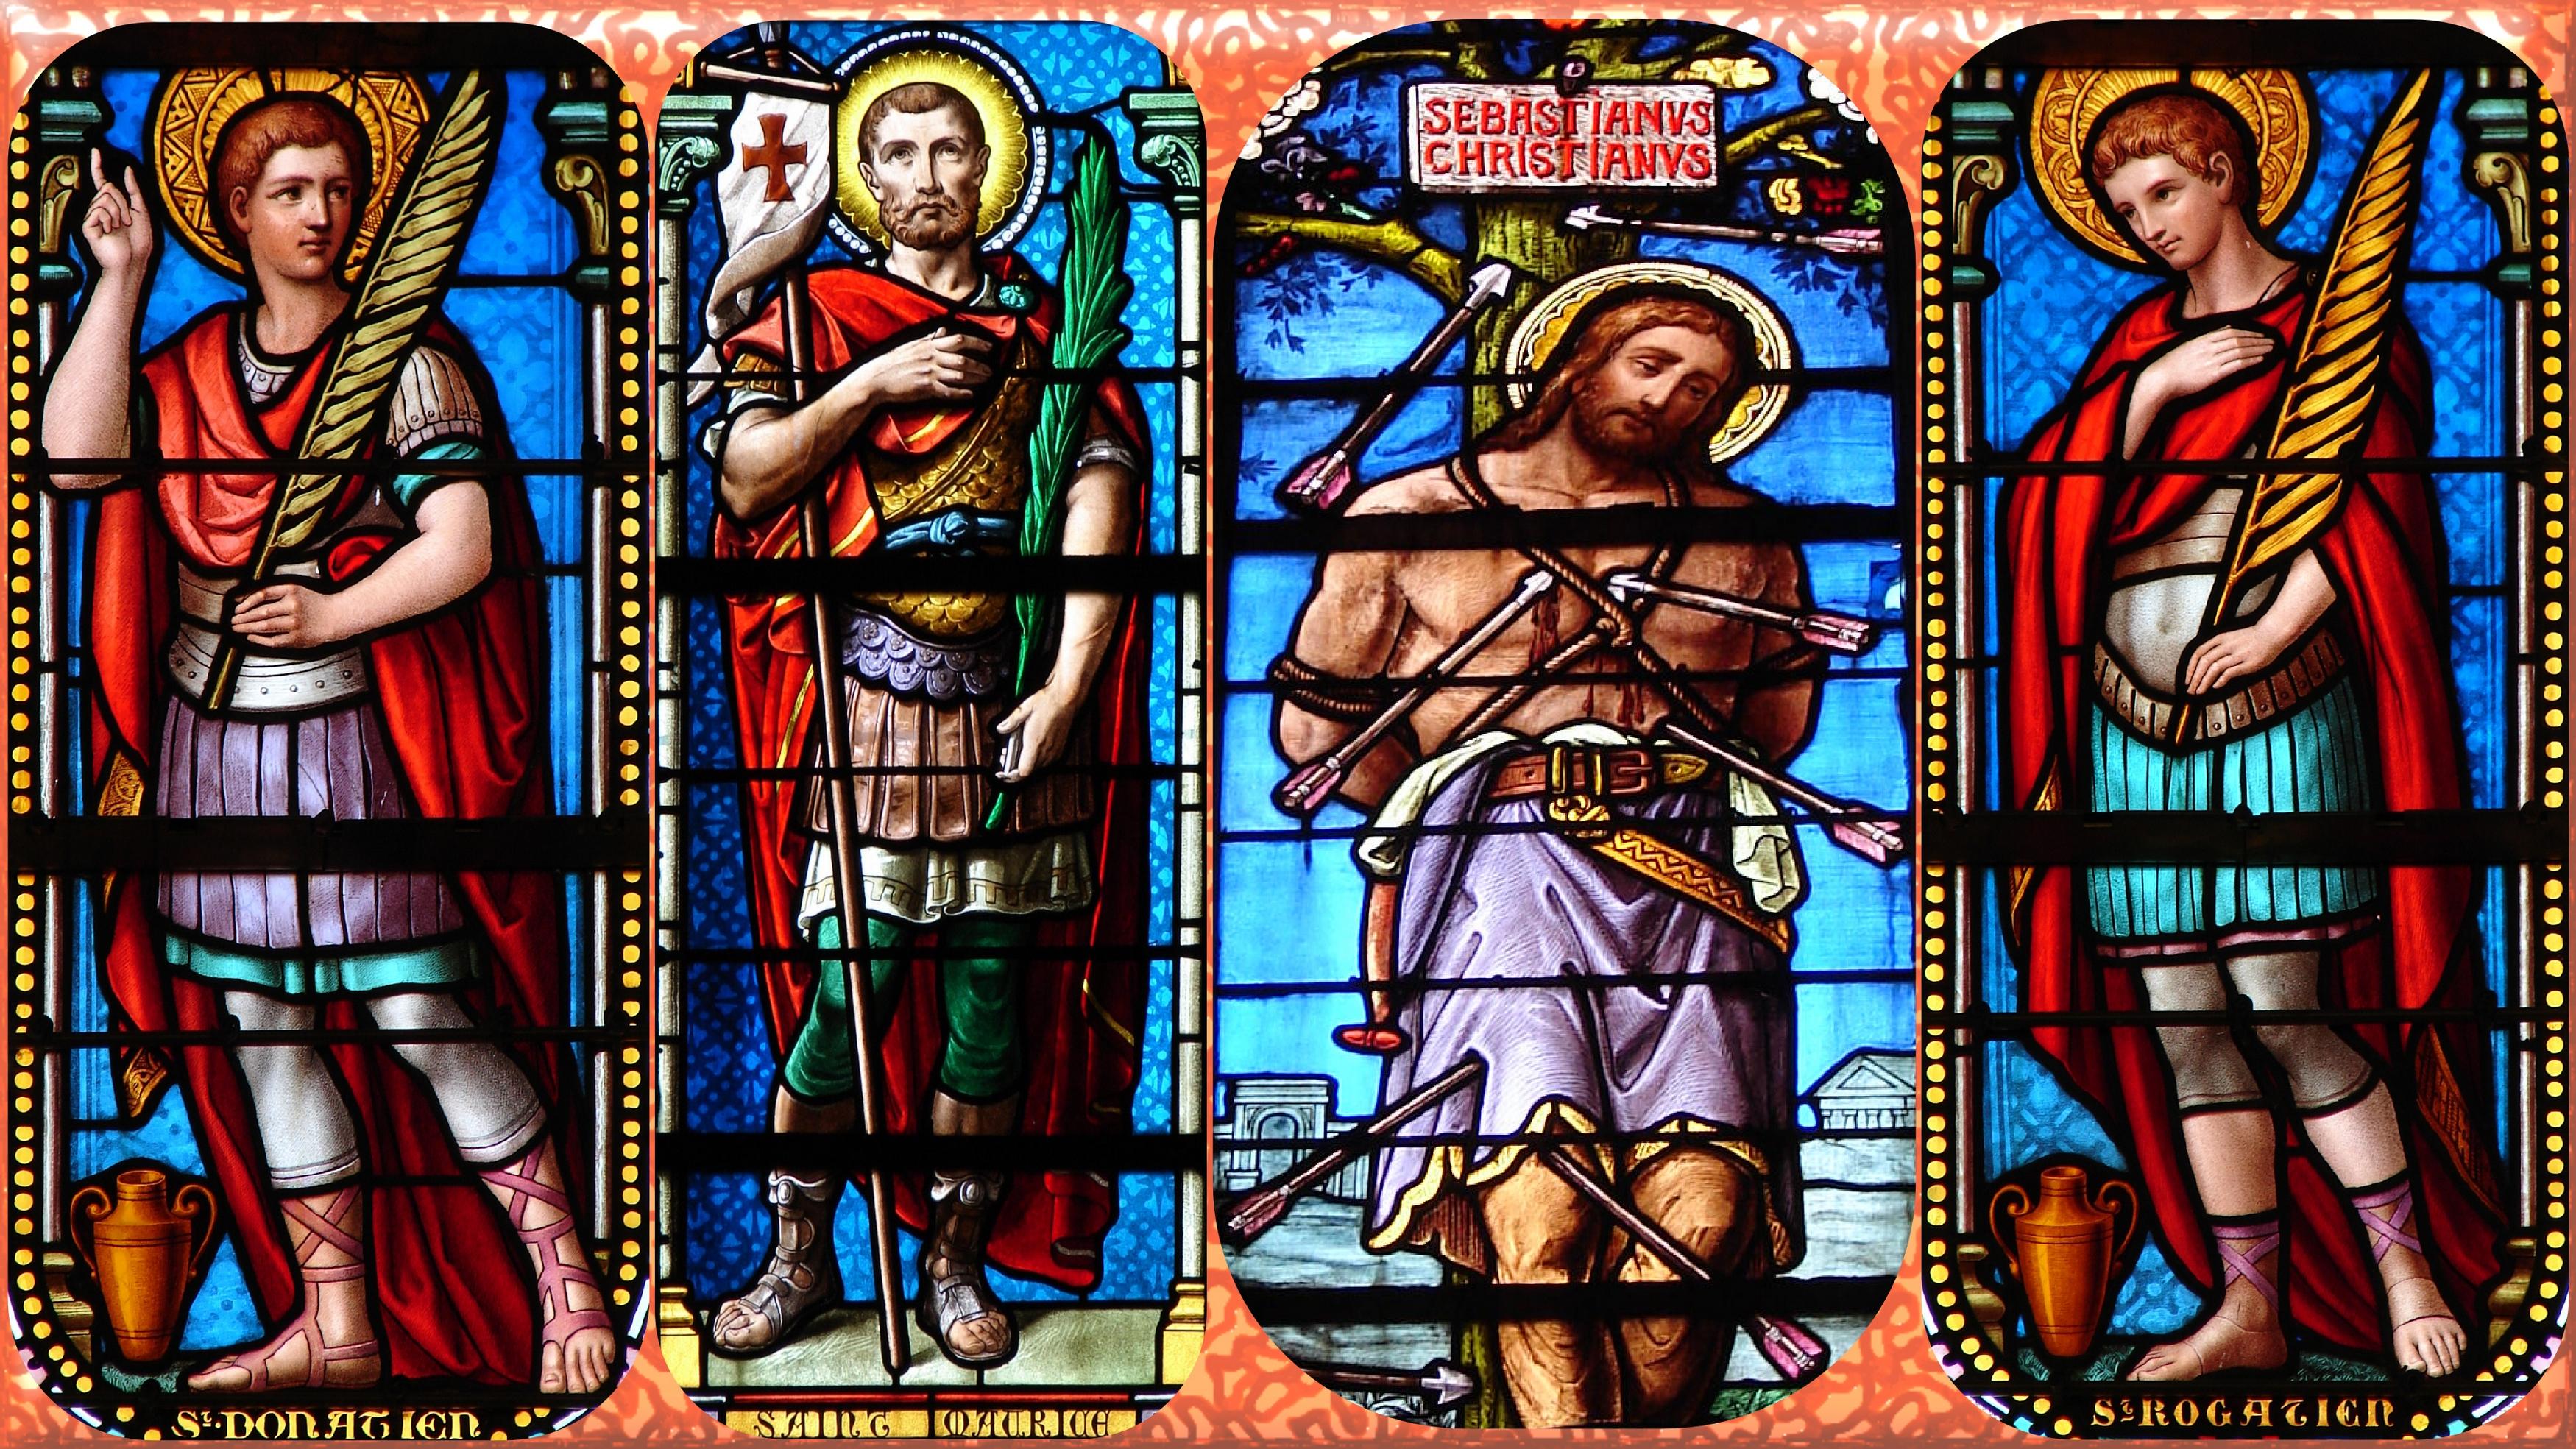 CALENDRIER CATHOLIQUE 2020 (Cantiques, Prières & Images) - Page 2 Les-sts-donatien-...-bastien-56f814b